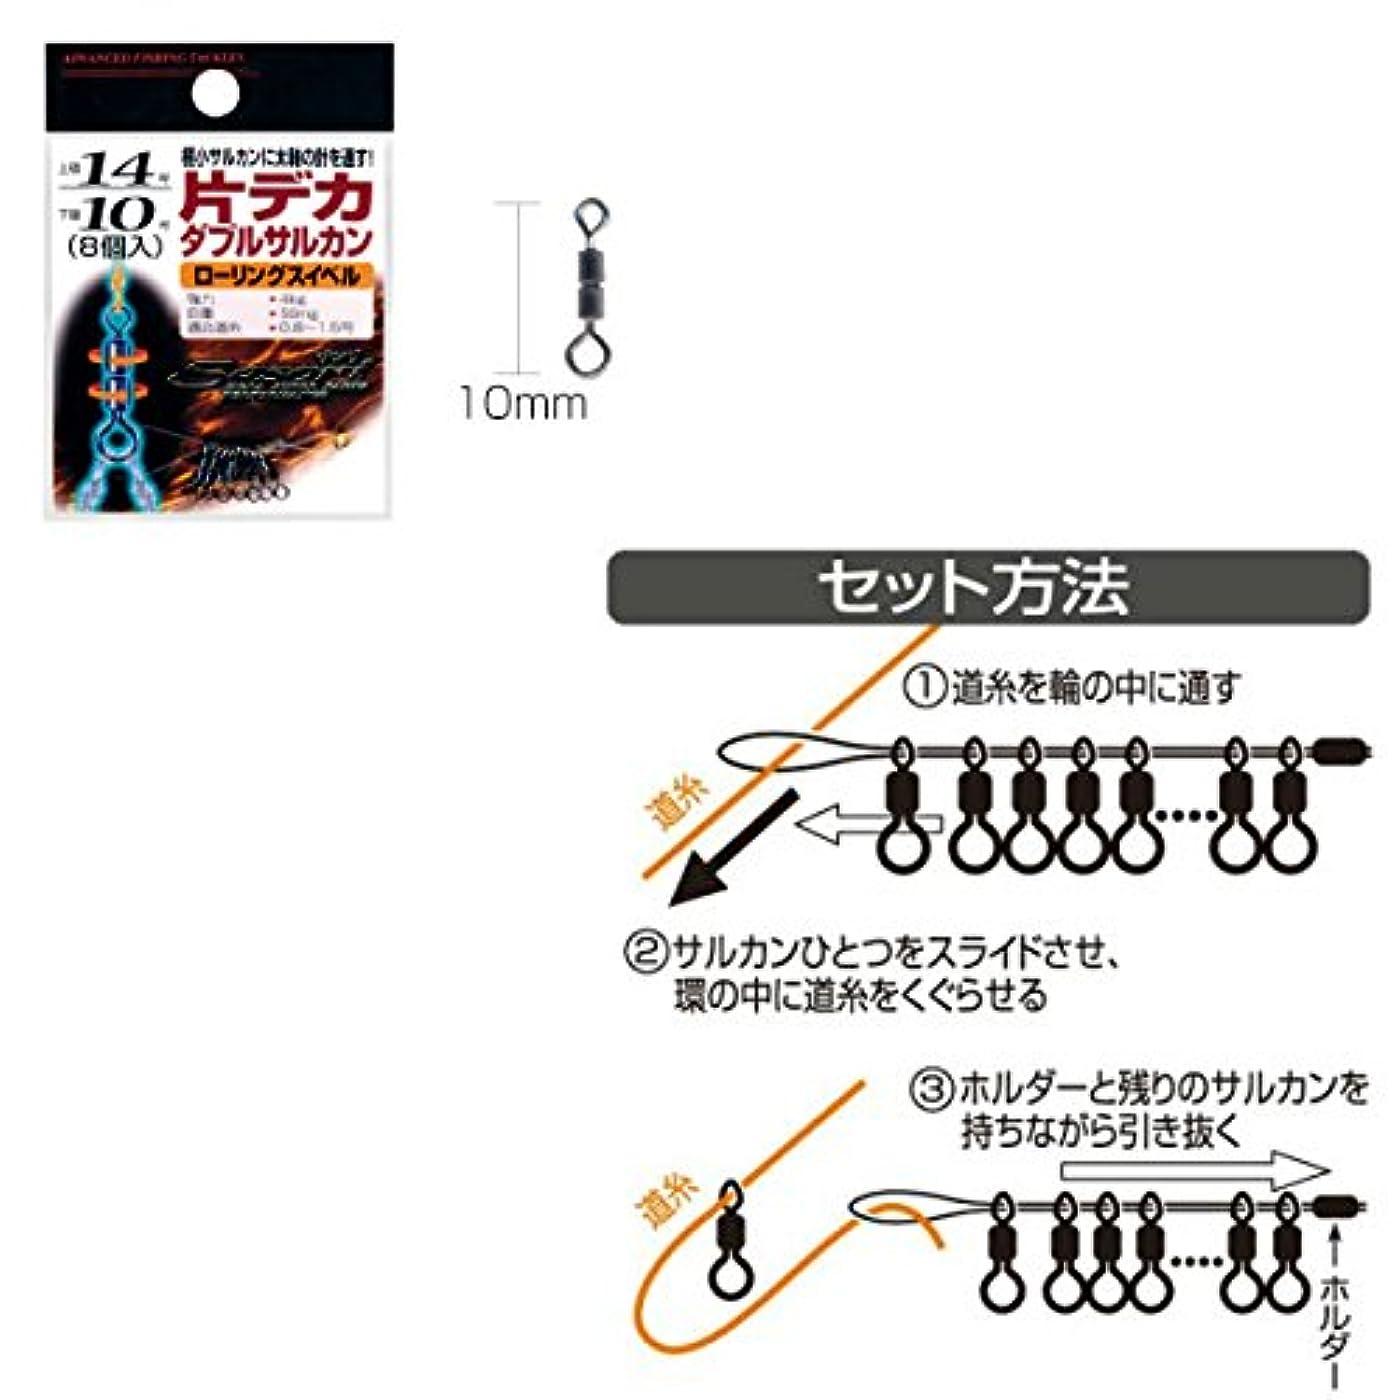 ブリリアント悔い改めサークルLINE SYSTEM(ラインシステム) 片デカヘッドダブルサルカン KDD14S